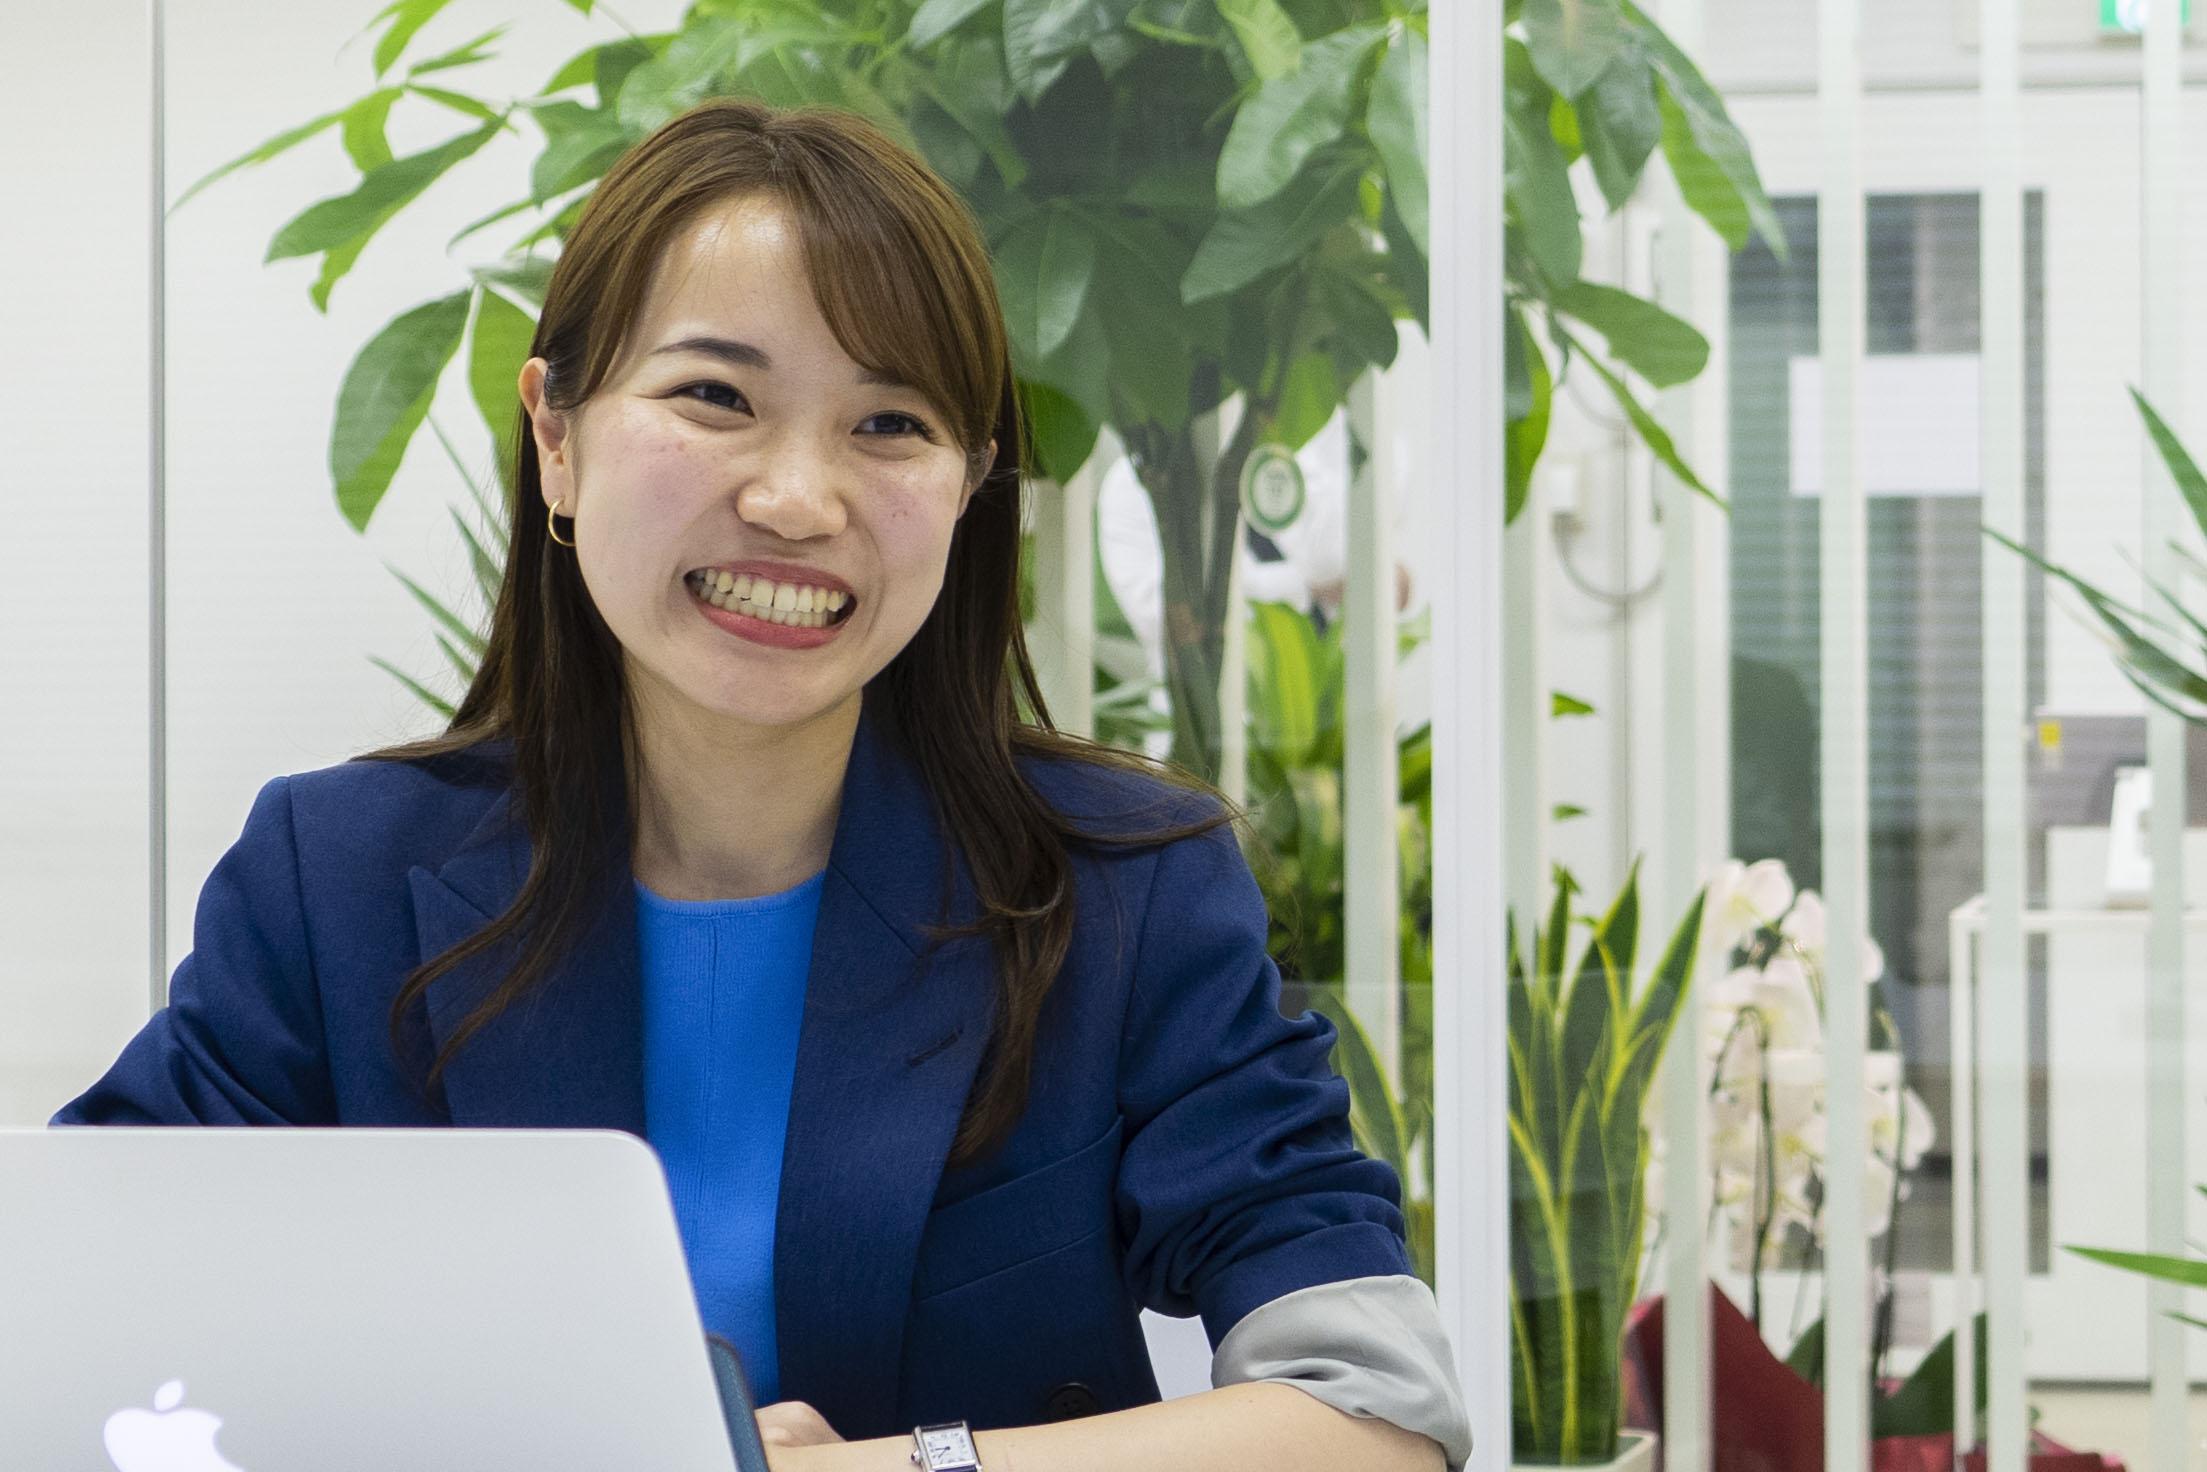 【佐野 緑さん】  入社二年目。事業推進部に所属し店舗での接客を担当。アメリカの大学を卒業後、大手化粧品メーカーの内定を辞退し、FABRIC TOKYOでチャレンジすることを決意。